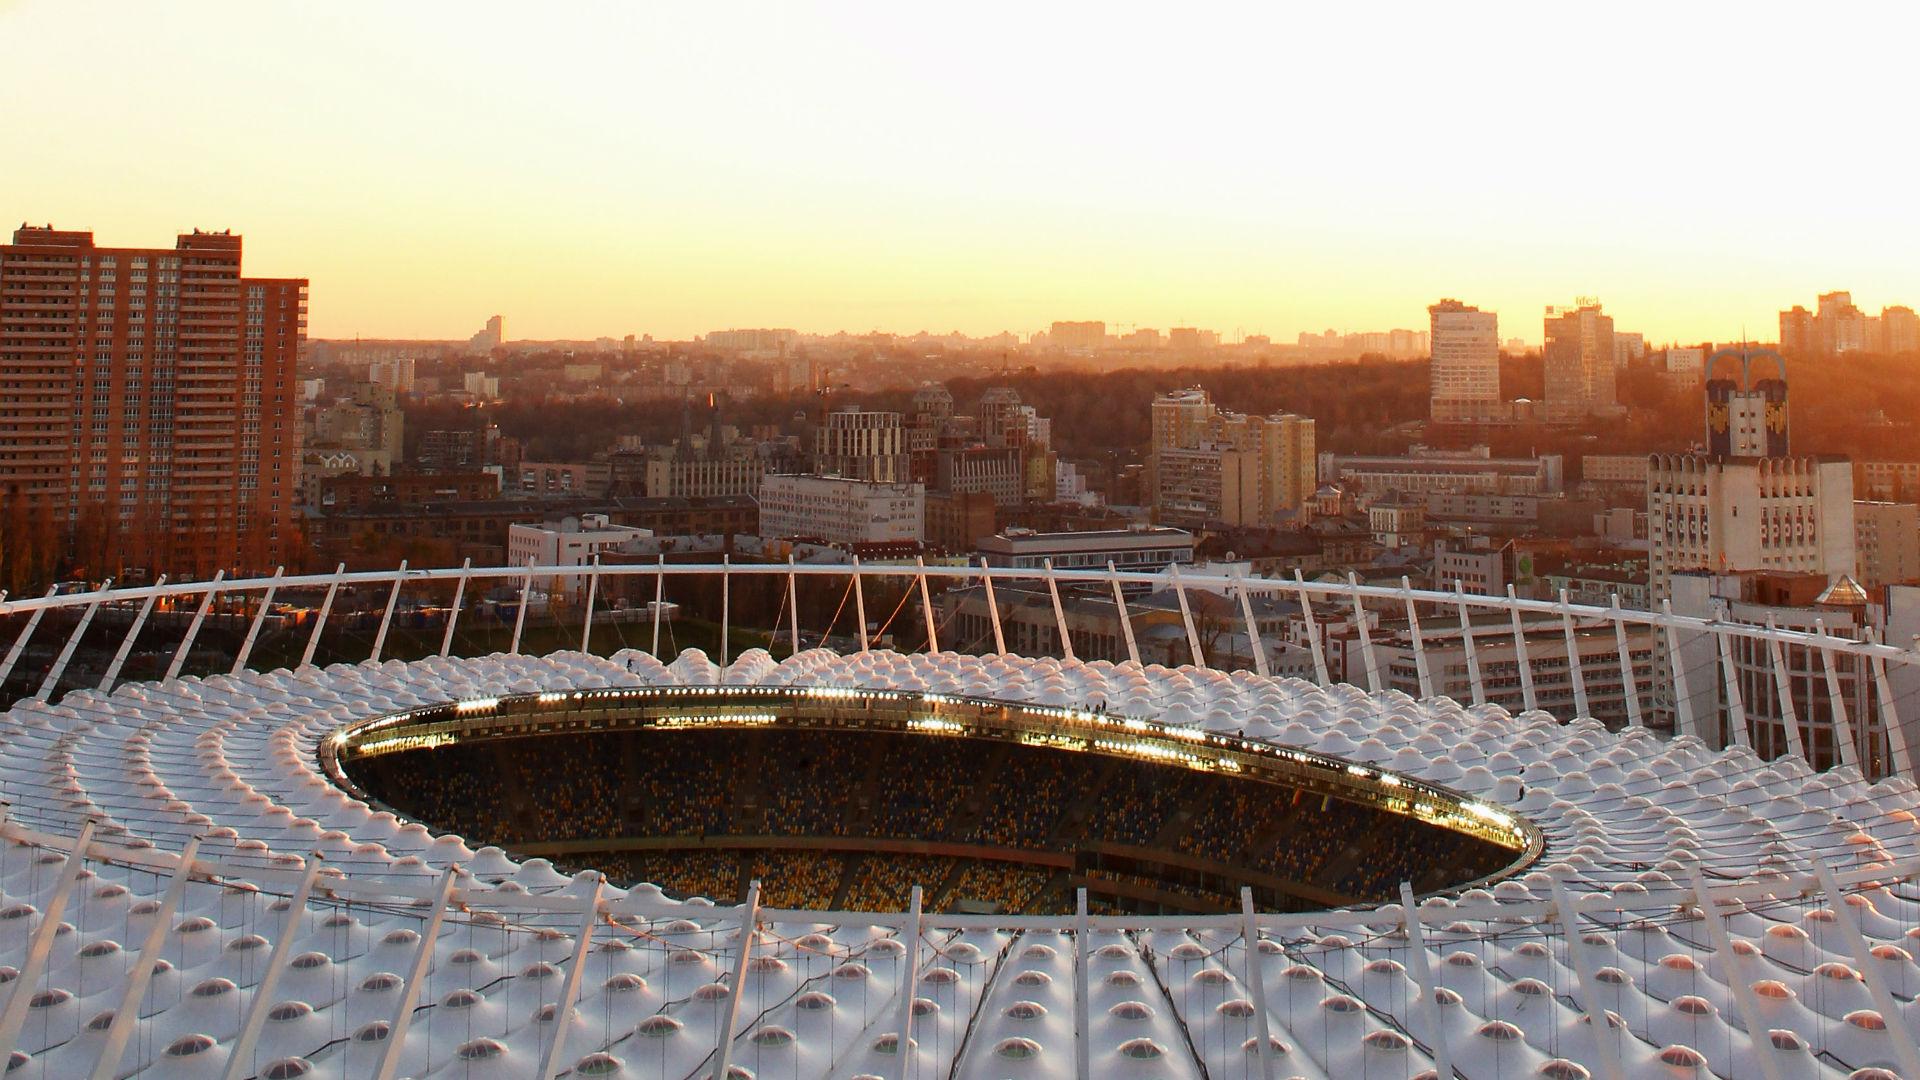 NSC Olimpiyskiy Stadium Kiev